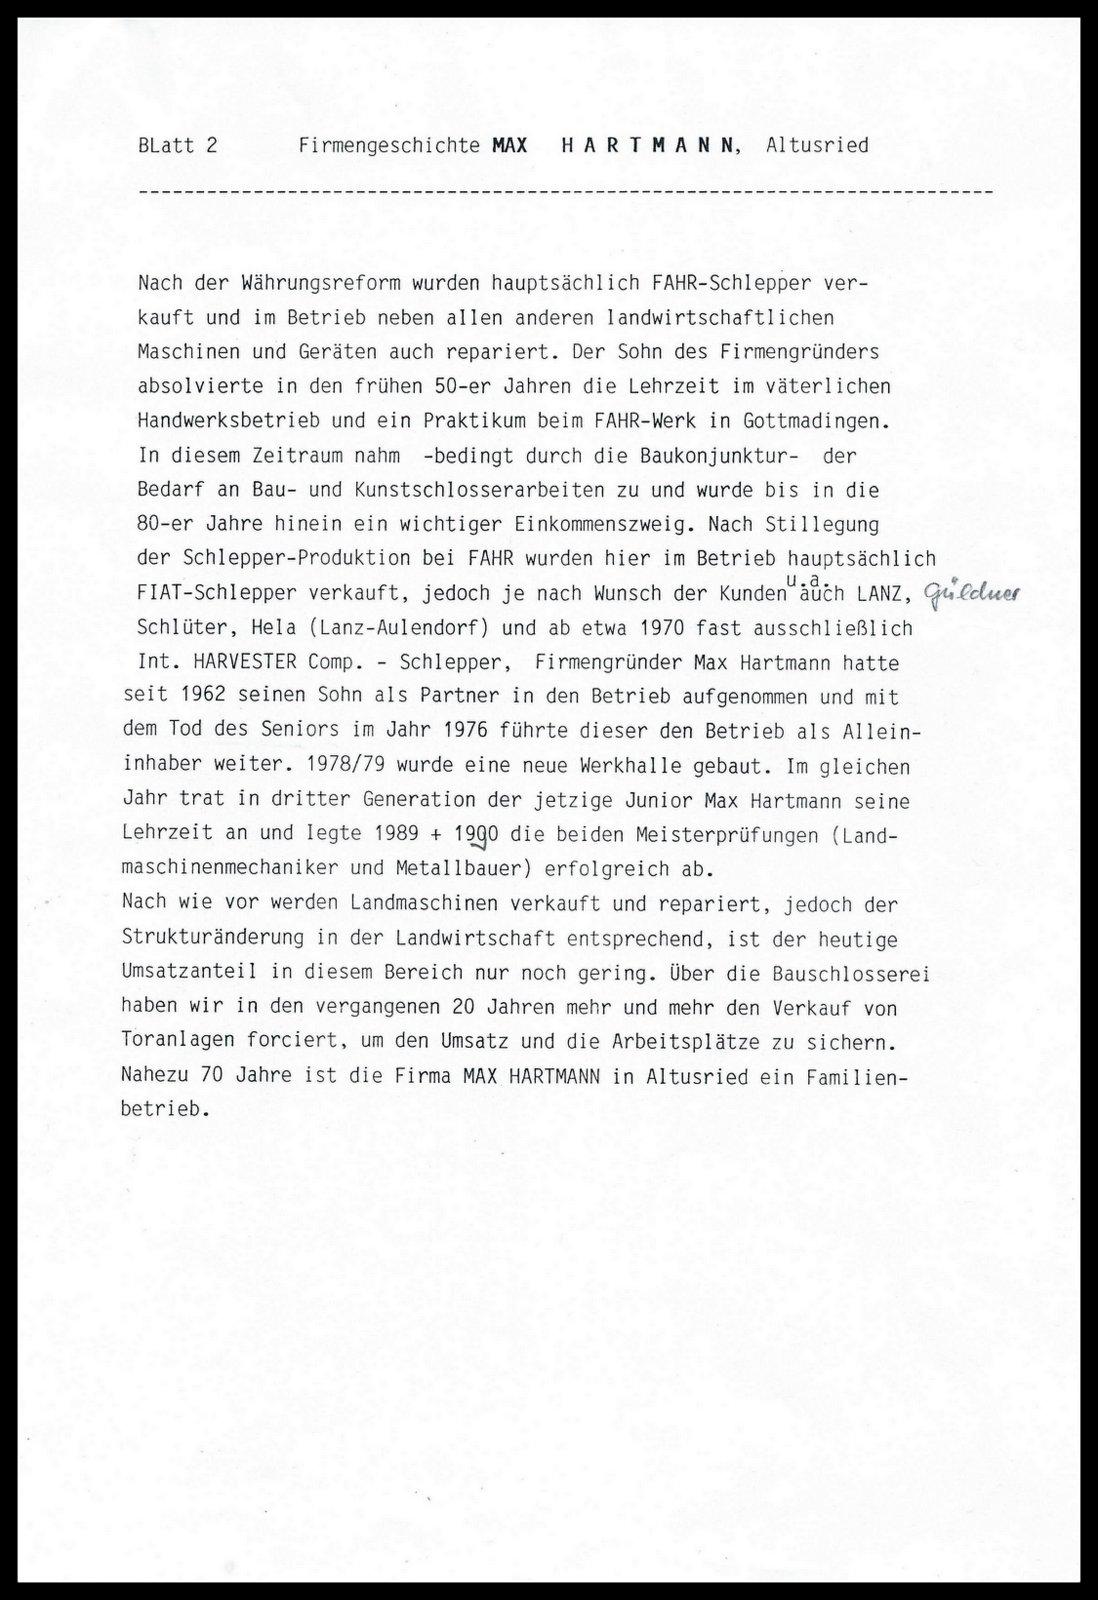 Hartmann - Altusried hat Geschichte